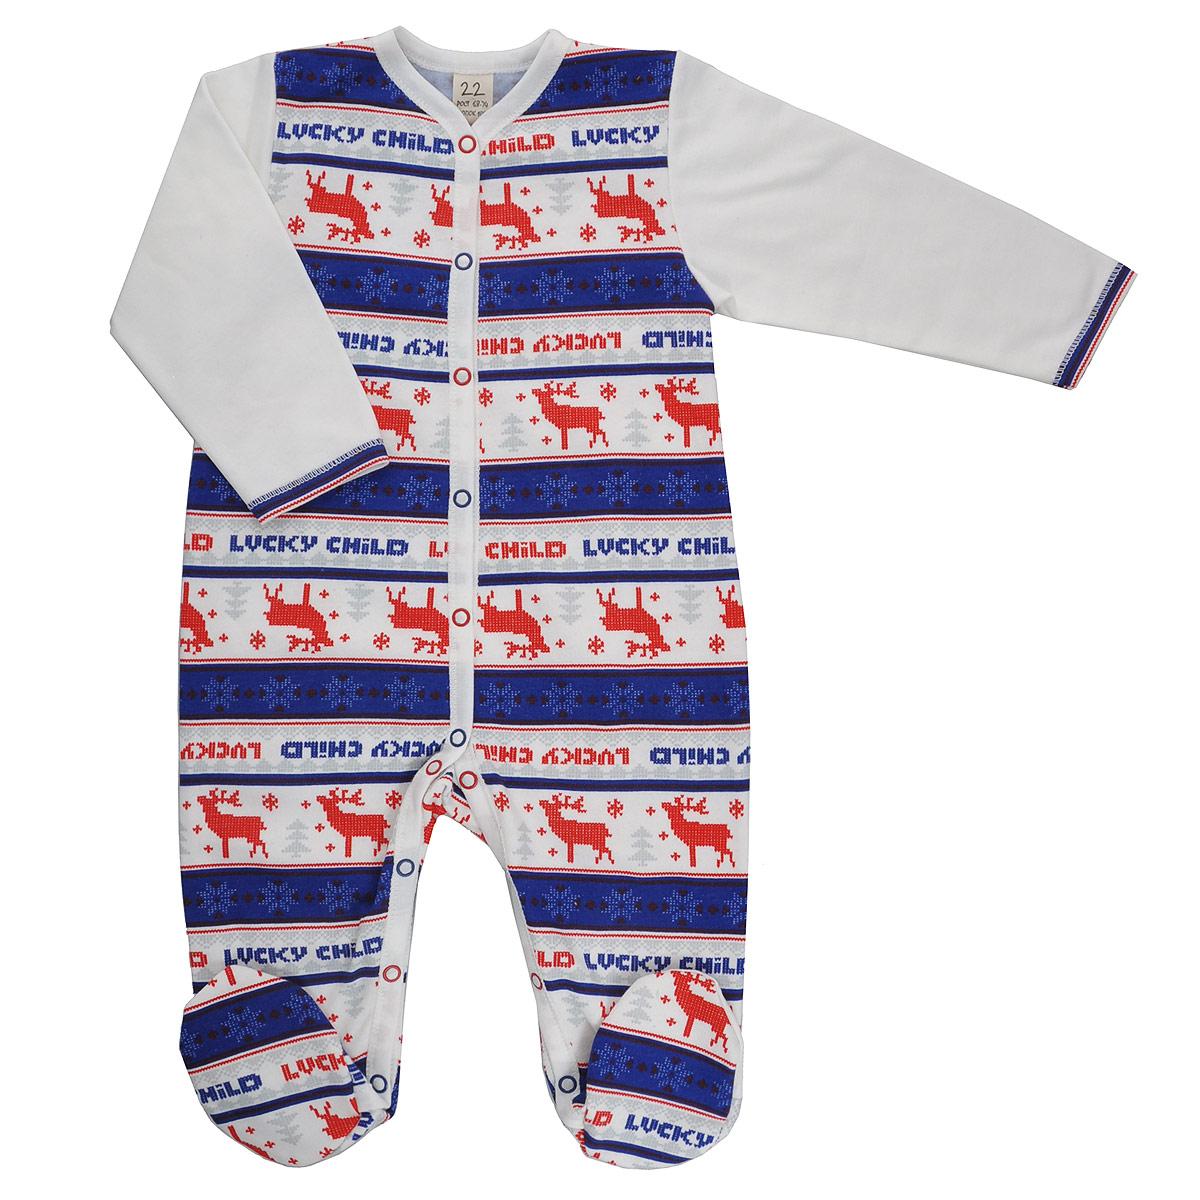 Комбинезон детский Lucky Child Скандинавия, цвет: молочный, синий, красный. 10-1. Размер 56/6210-1_футерДетский комбинезон Lucky Child Скандинавия - очень удобный и практичный вид одежды для малышей. Комбинезон выполнен из теплого футера - натурального хлопка, благодаря чему он необычайно мягкий и приятный на ощупь, не раздражает нежную кожу ребенка и хорошо вентилируется, а эластичные швы приятны телу малыша и не препятствуют его движениям. Комбинезон с длинными рукавами и закрытыми ножками имеет застежки-кнопки от горловины до щиколоток, которые помогают легко переодеть младенца или сменить подгузник. Оформлена модель модным скандинавским принтом. С детским комбинезоном Lucky Child спинка и ножки вашего малыша всегда будут в тепле, он идеален для использования днем и незаменим ночью. Комбинезон полностью соответствует особенностям жизни младенца в ранний период, не стесняя и не ограничивая его в движениях!